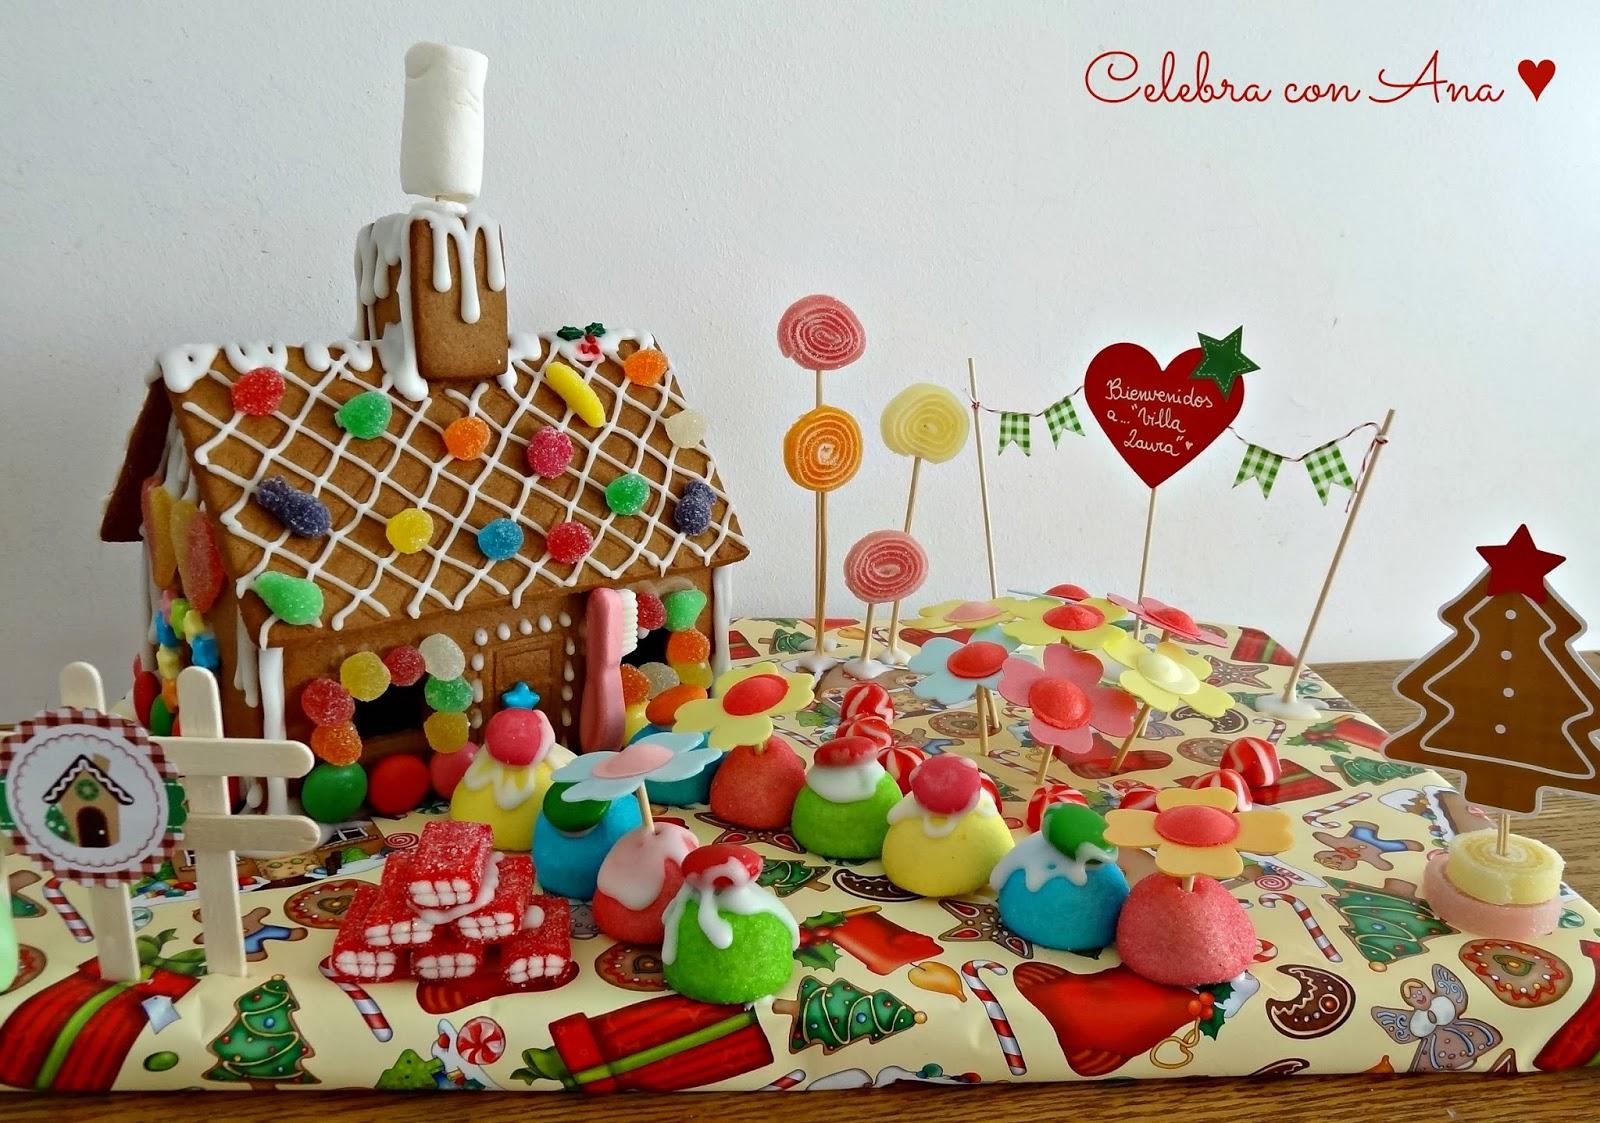 Celebra con ana compartiendo experiencias creativas - Casitas de navidad ...